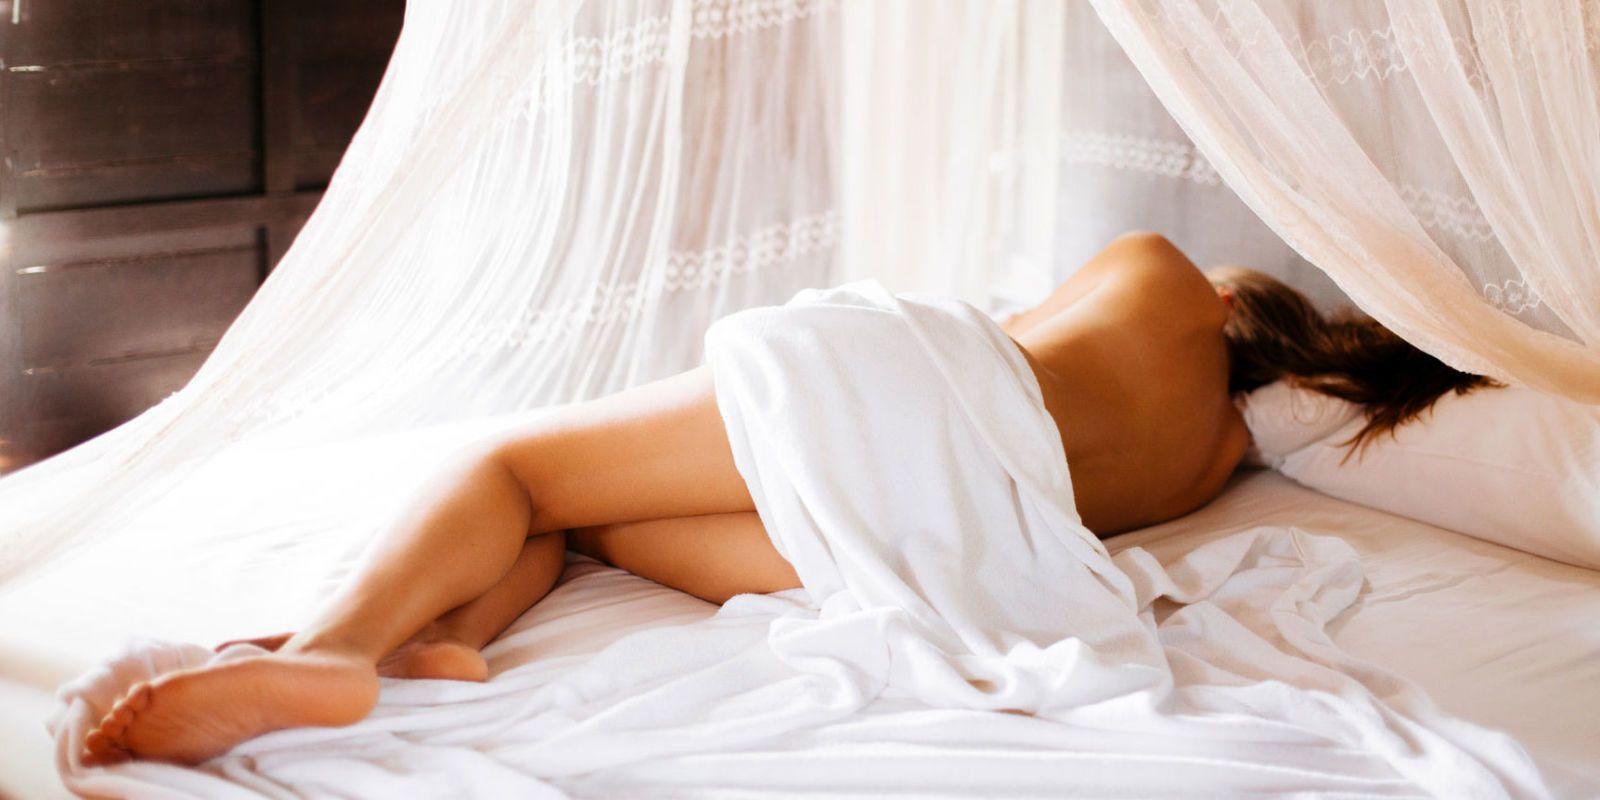 Becoming Adult Girls Like To Sleep Naked